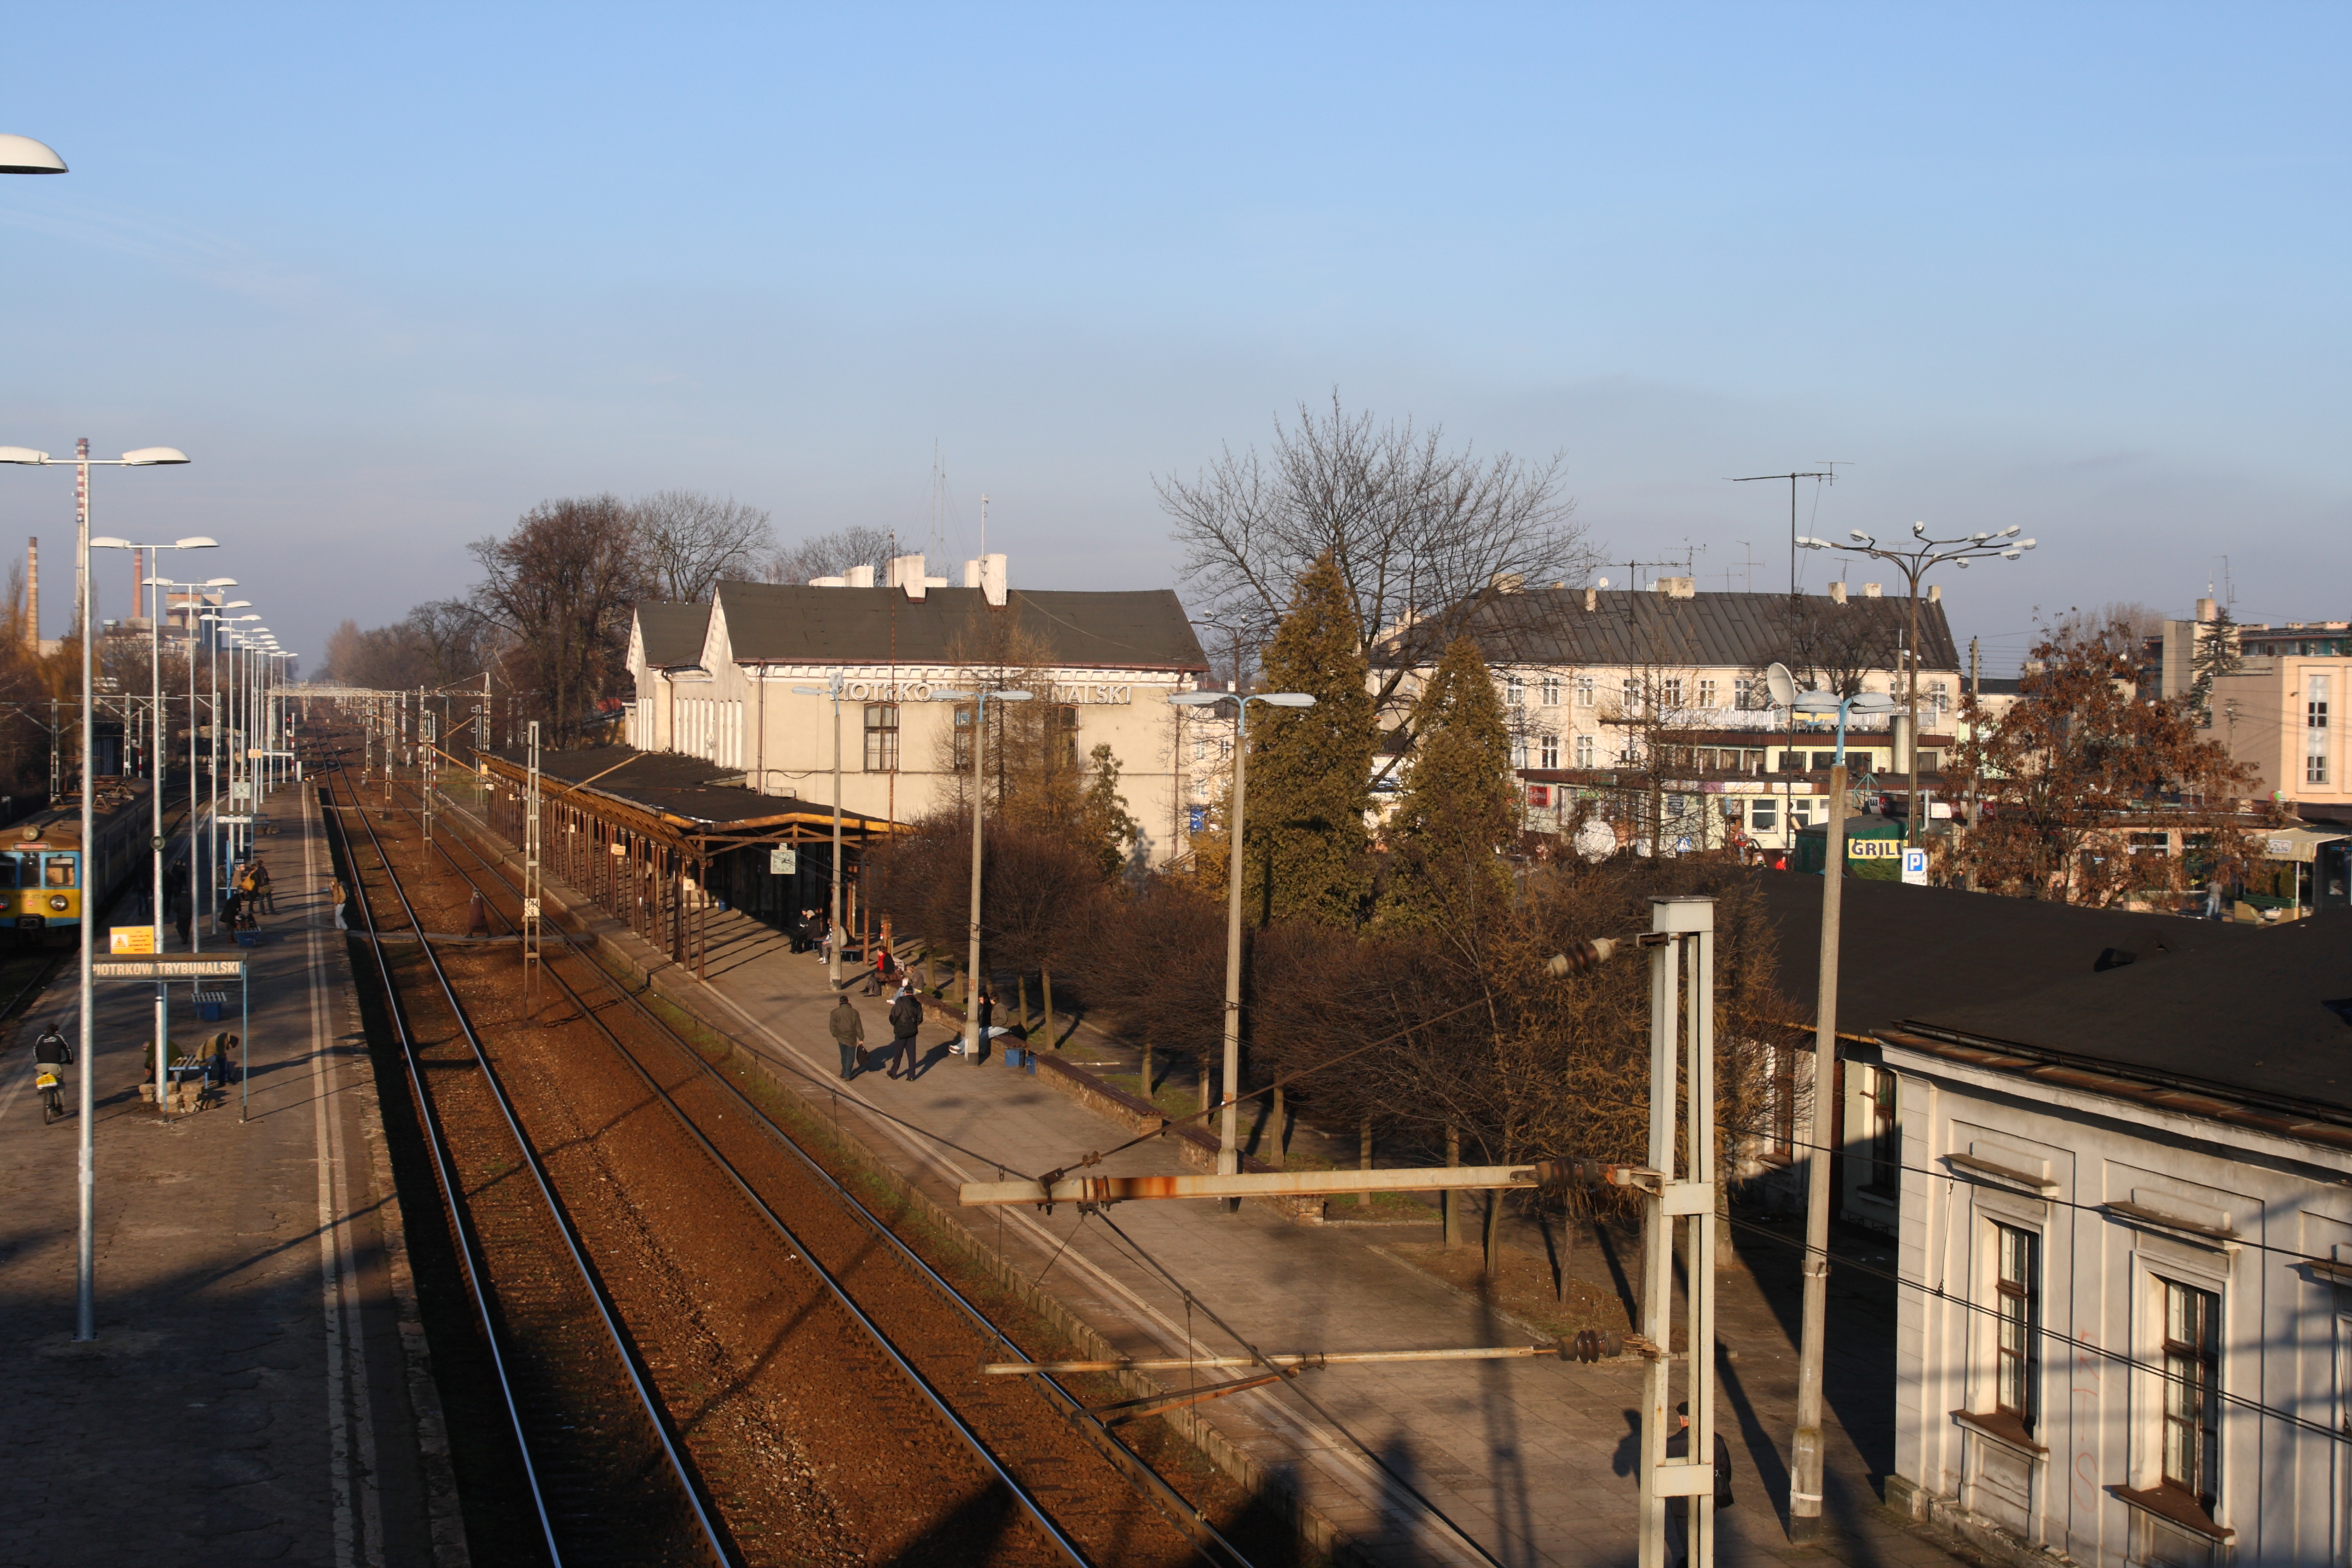 Piotrkow Trybunalski Poland  City pictures : Piotrków Trybunalski Dworzec PKP 01 Wikimedia Commons